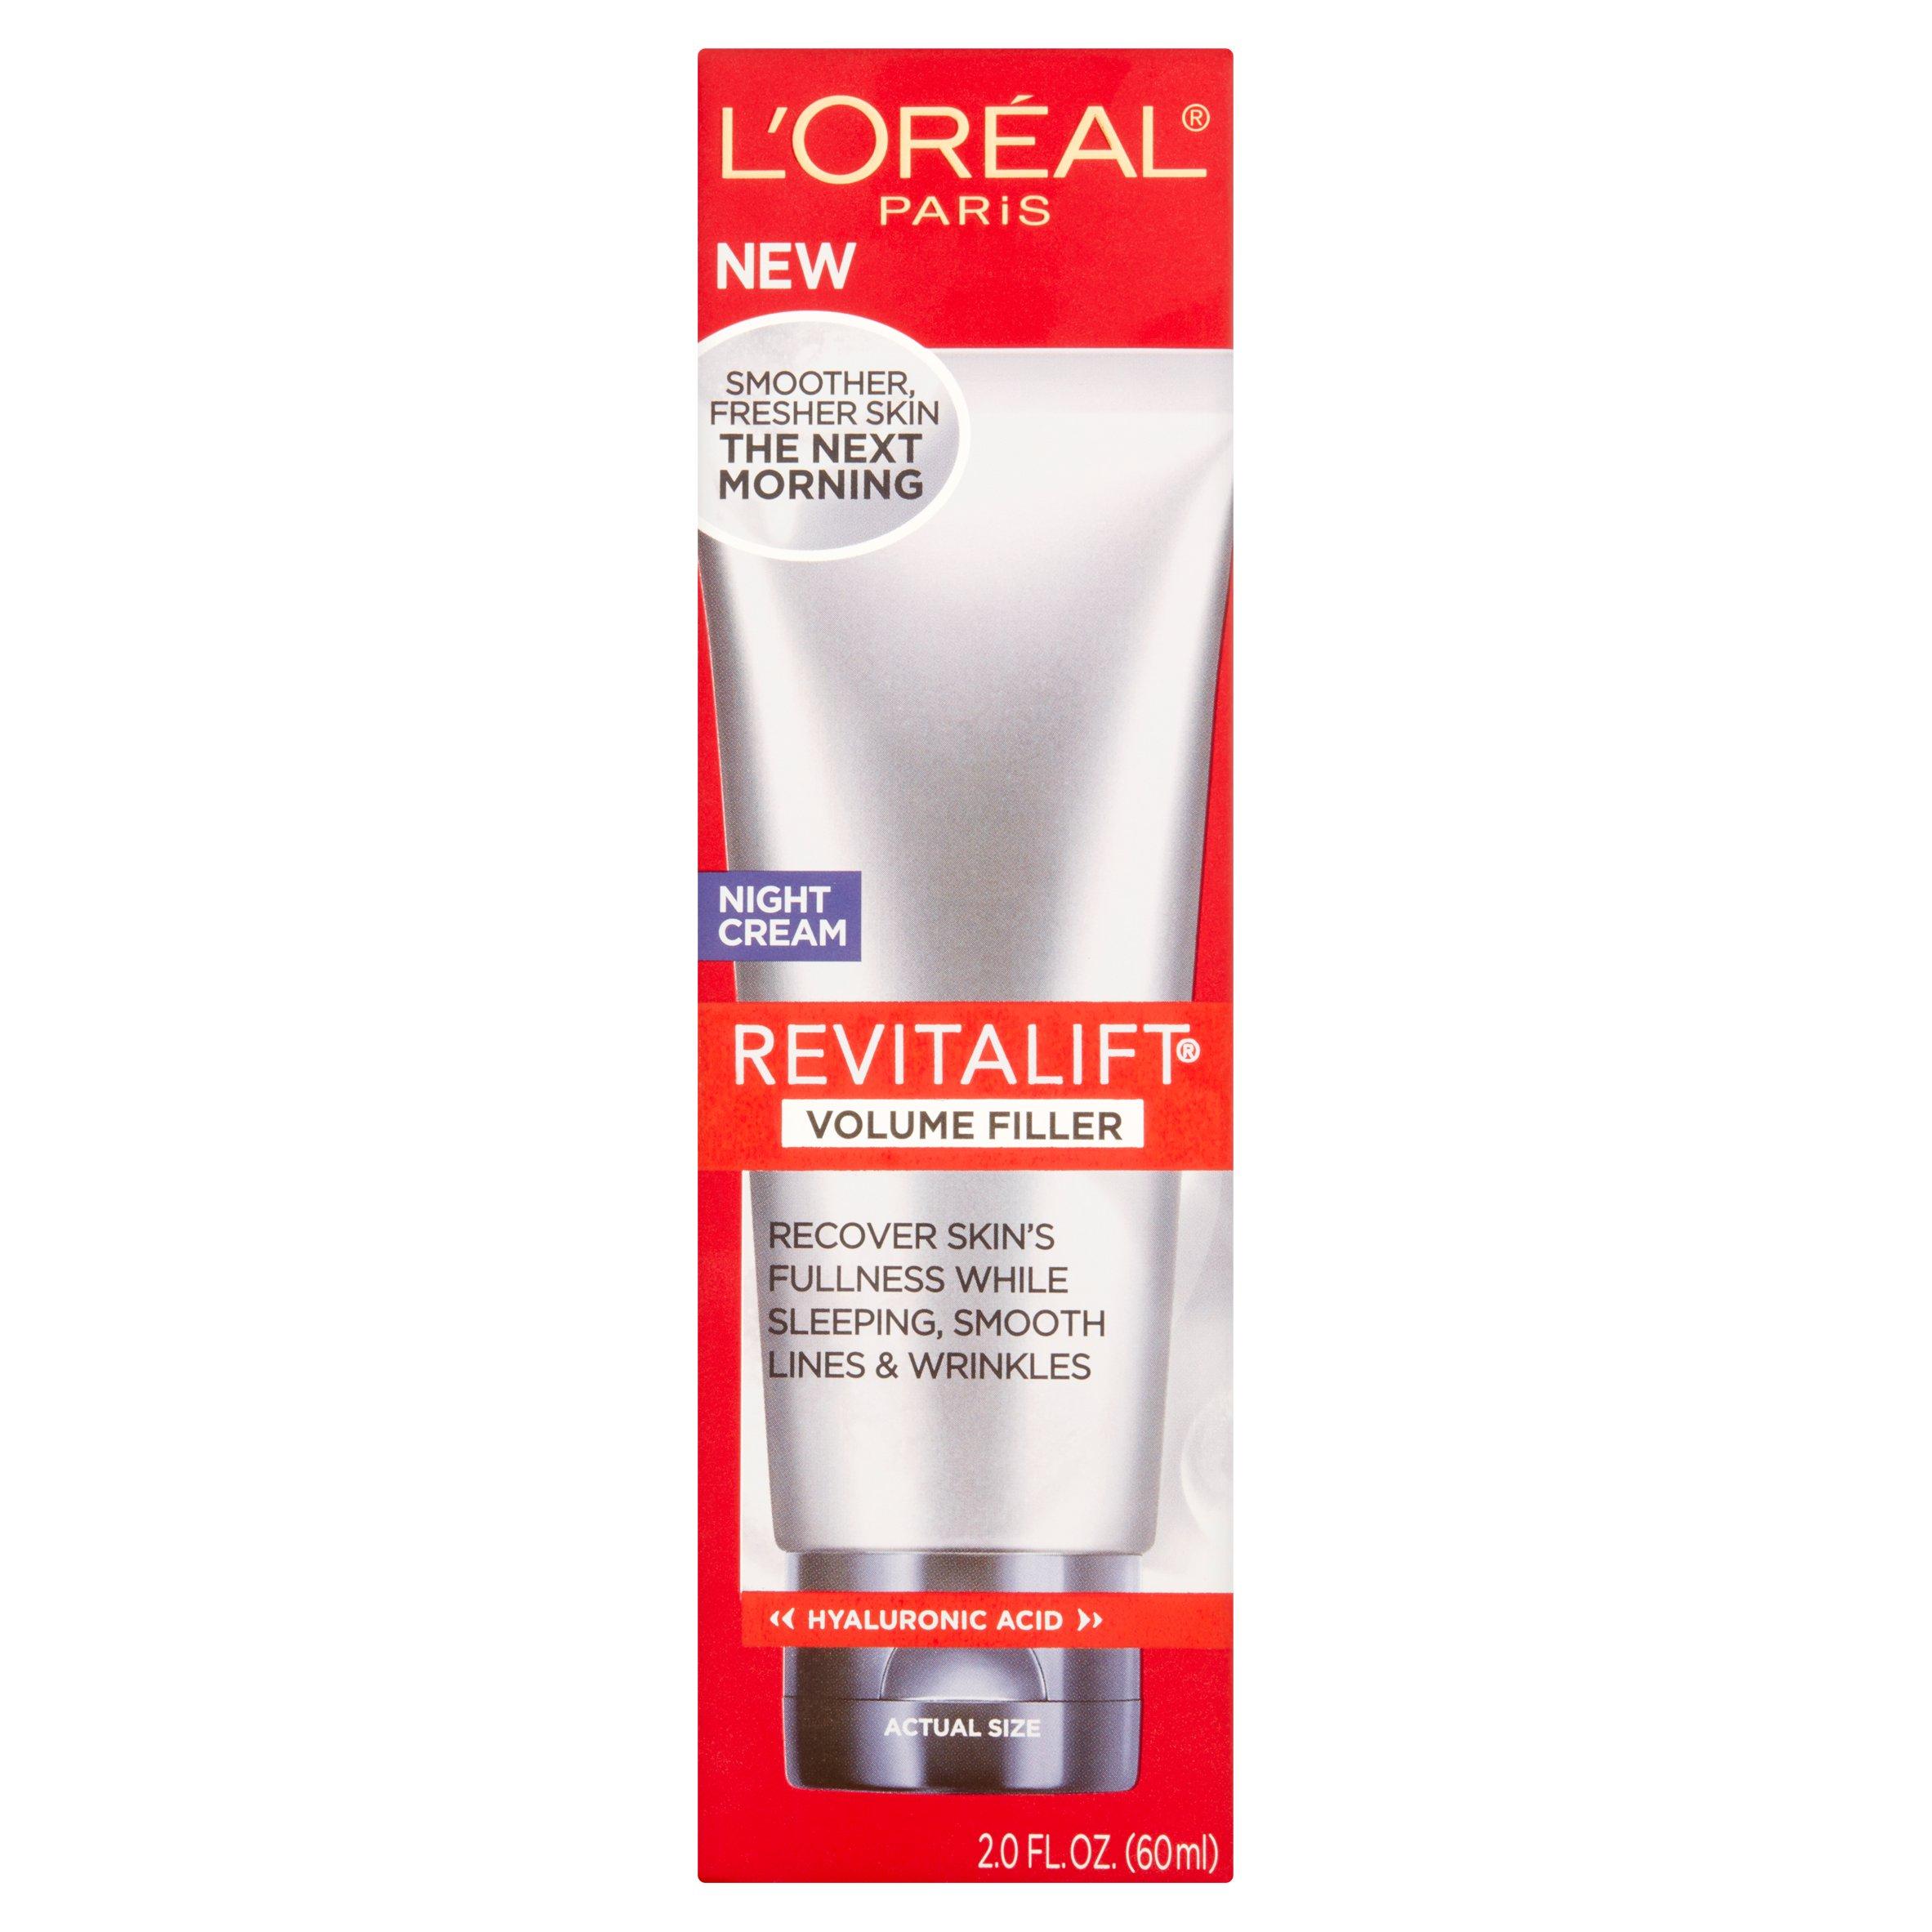 L'Oreal Paris Revitalift Volume Filler Night Cream, 2.0 fl oz - Walmart.com